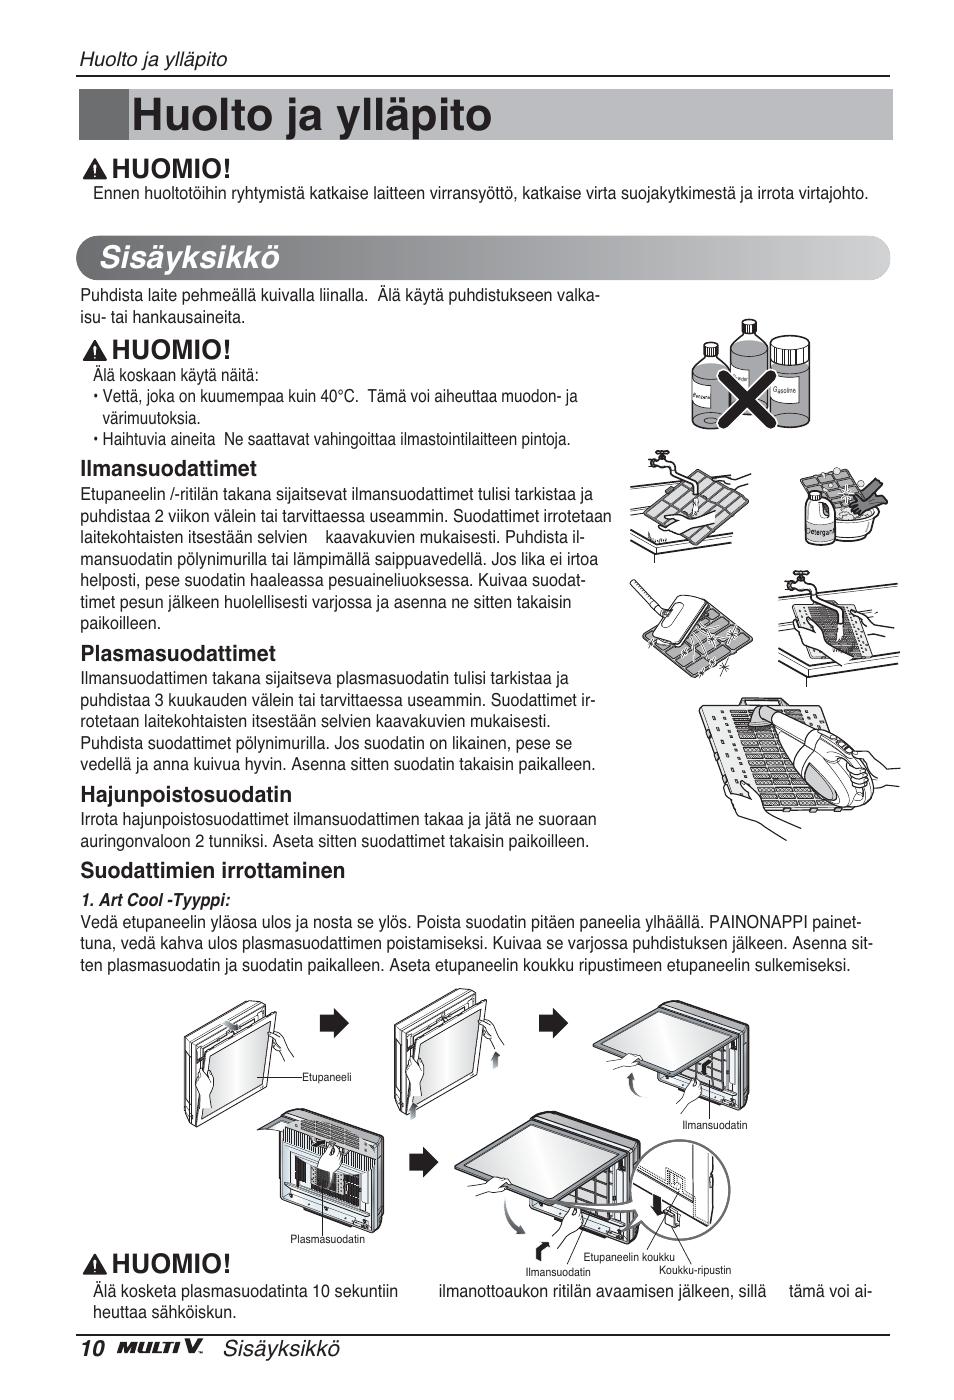 Huolto ja ylläpito, Sisäyksikkö, Huomio | LG ARNU12GSFV2 User Manual